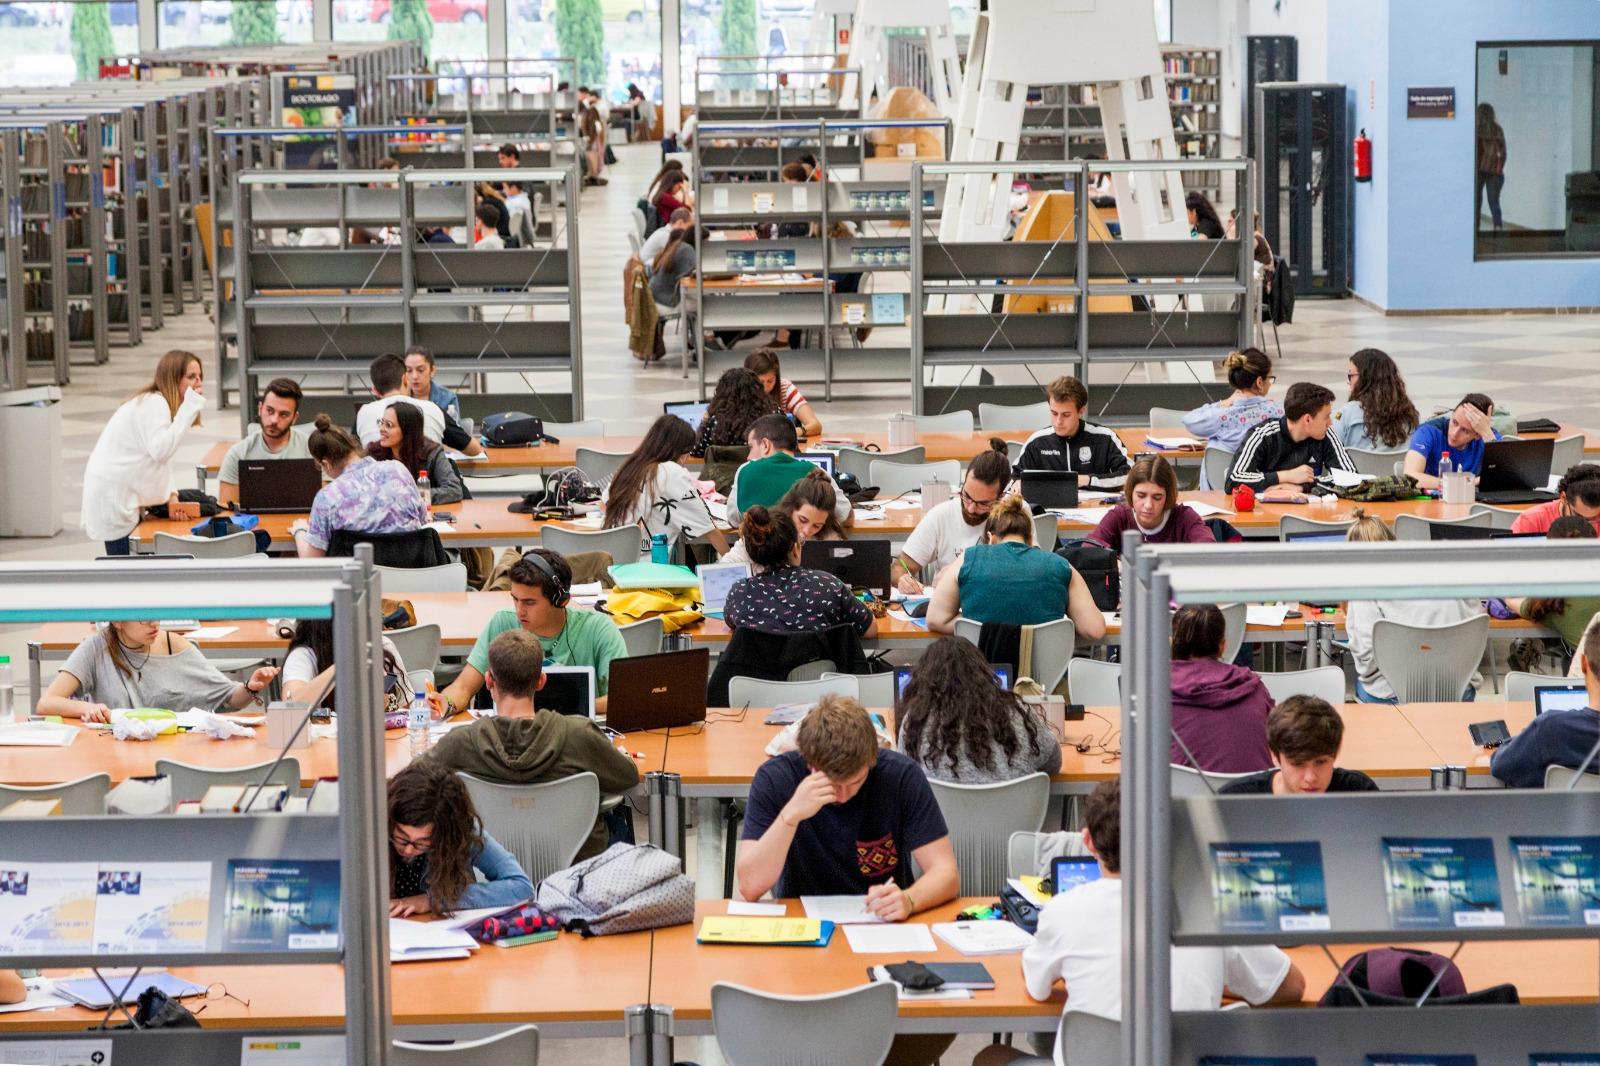 La biblioteca de la UPO, segunda más eficiente de España en el ranking Secaba-Rank-Universitarias